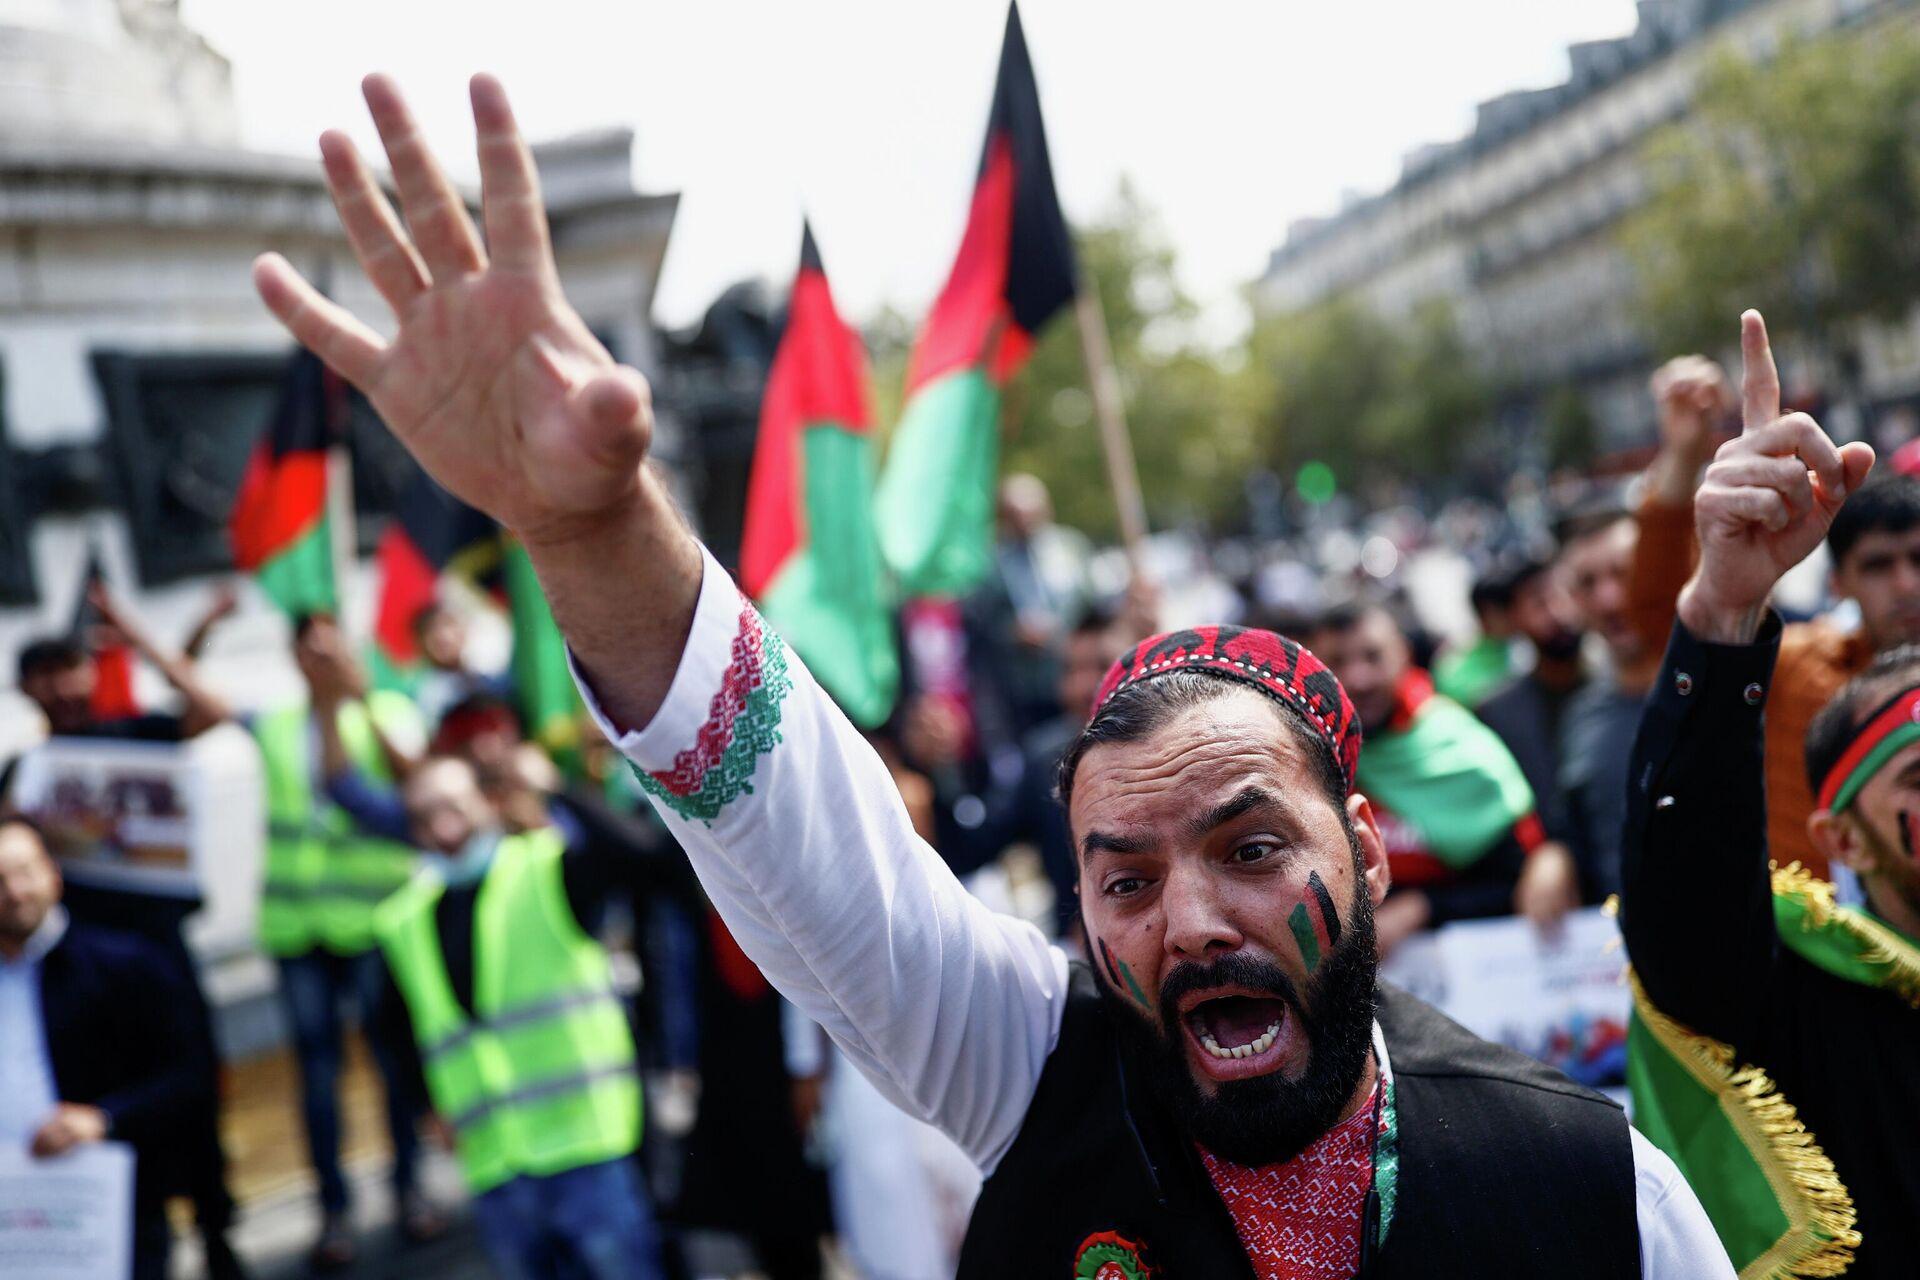 Un hombre grita mientras asiste a una manifestación contra los talibanes, en solidaridad con el pueblo de Afganistán, en la plaza de la República en París, Francia - Sputnik Mundo, 1920, 25.08.2021